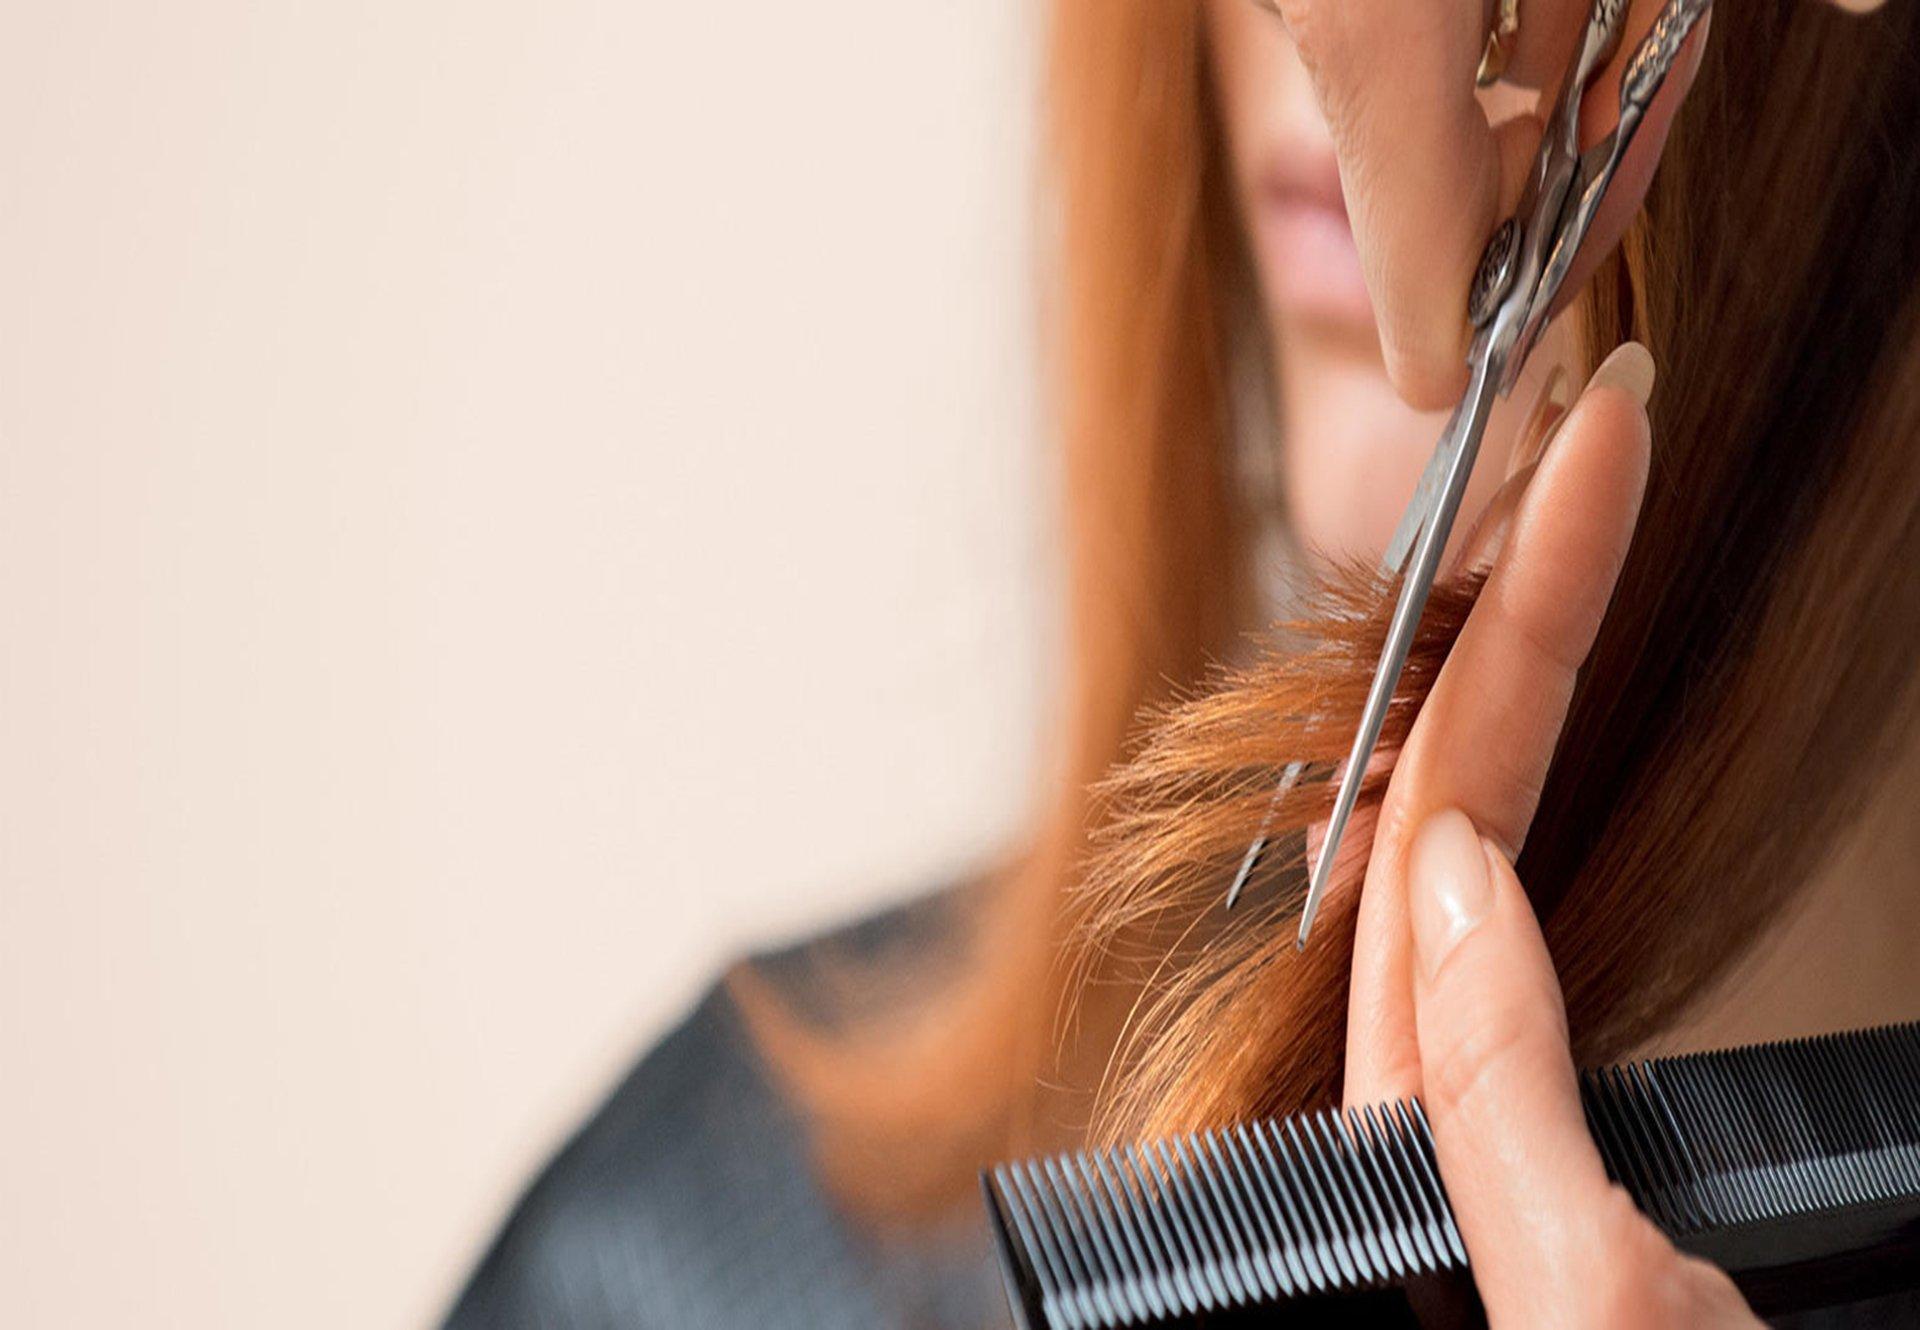 Vendita Prodotti professionali Estetica Cosmetica Makeup Parrucchiere